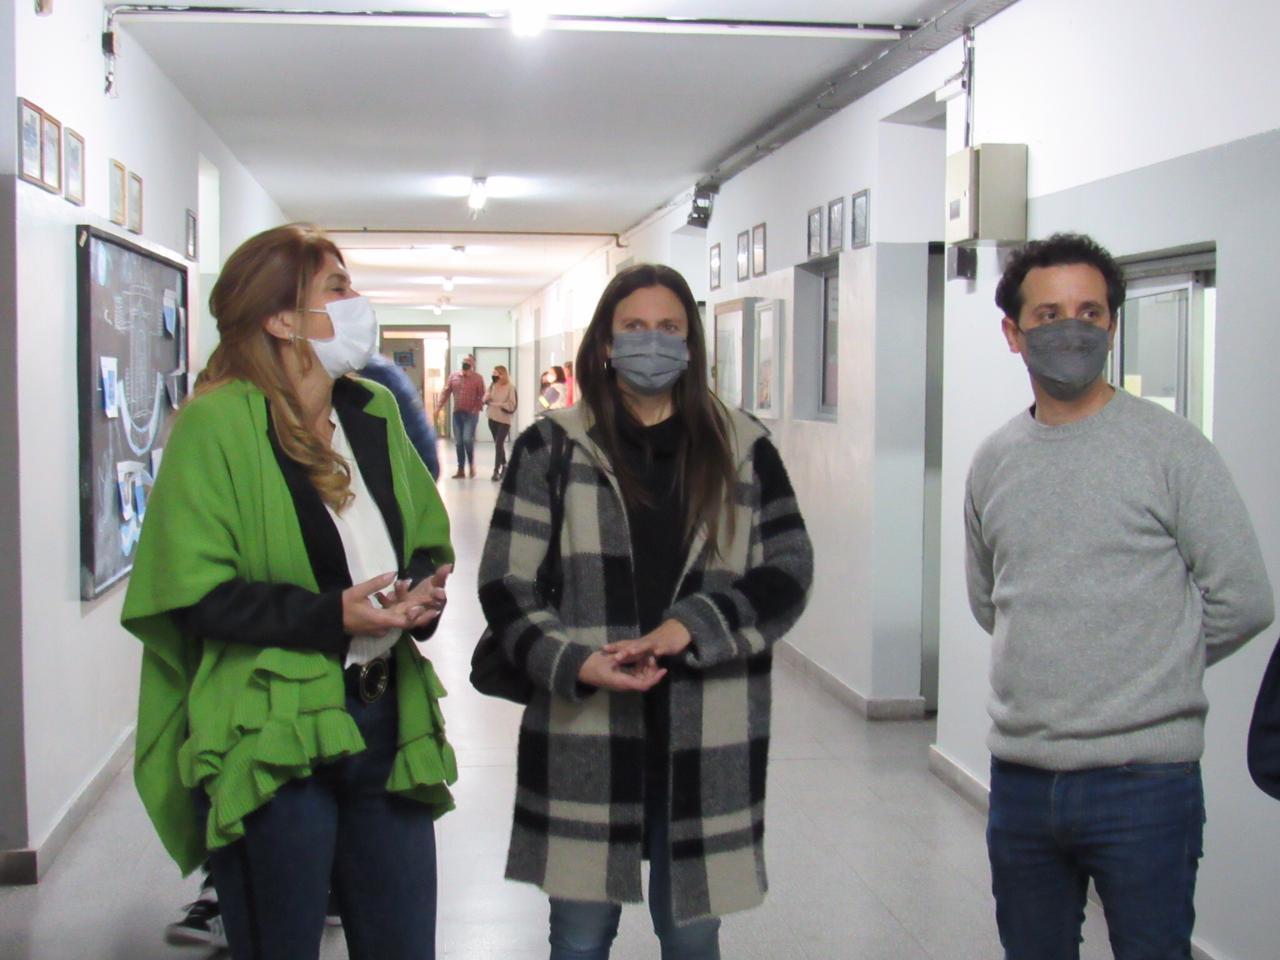 Diego Bartalotta recorrió escuelas junto a Magdalena Sierra y Daniel Menéndez.